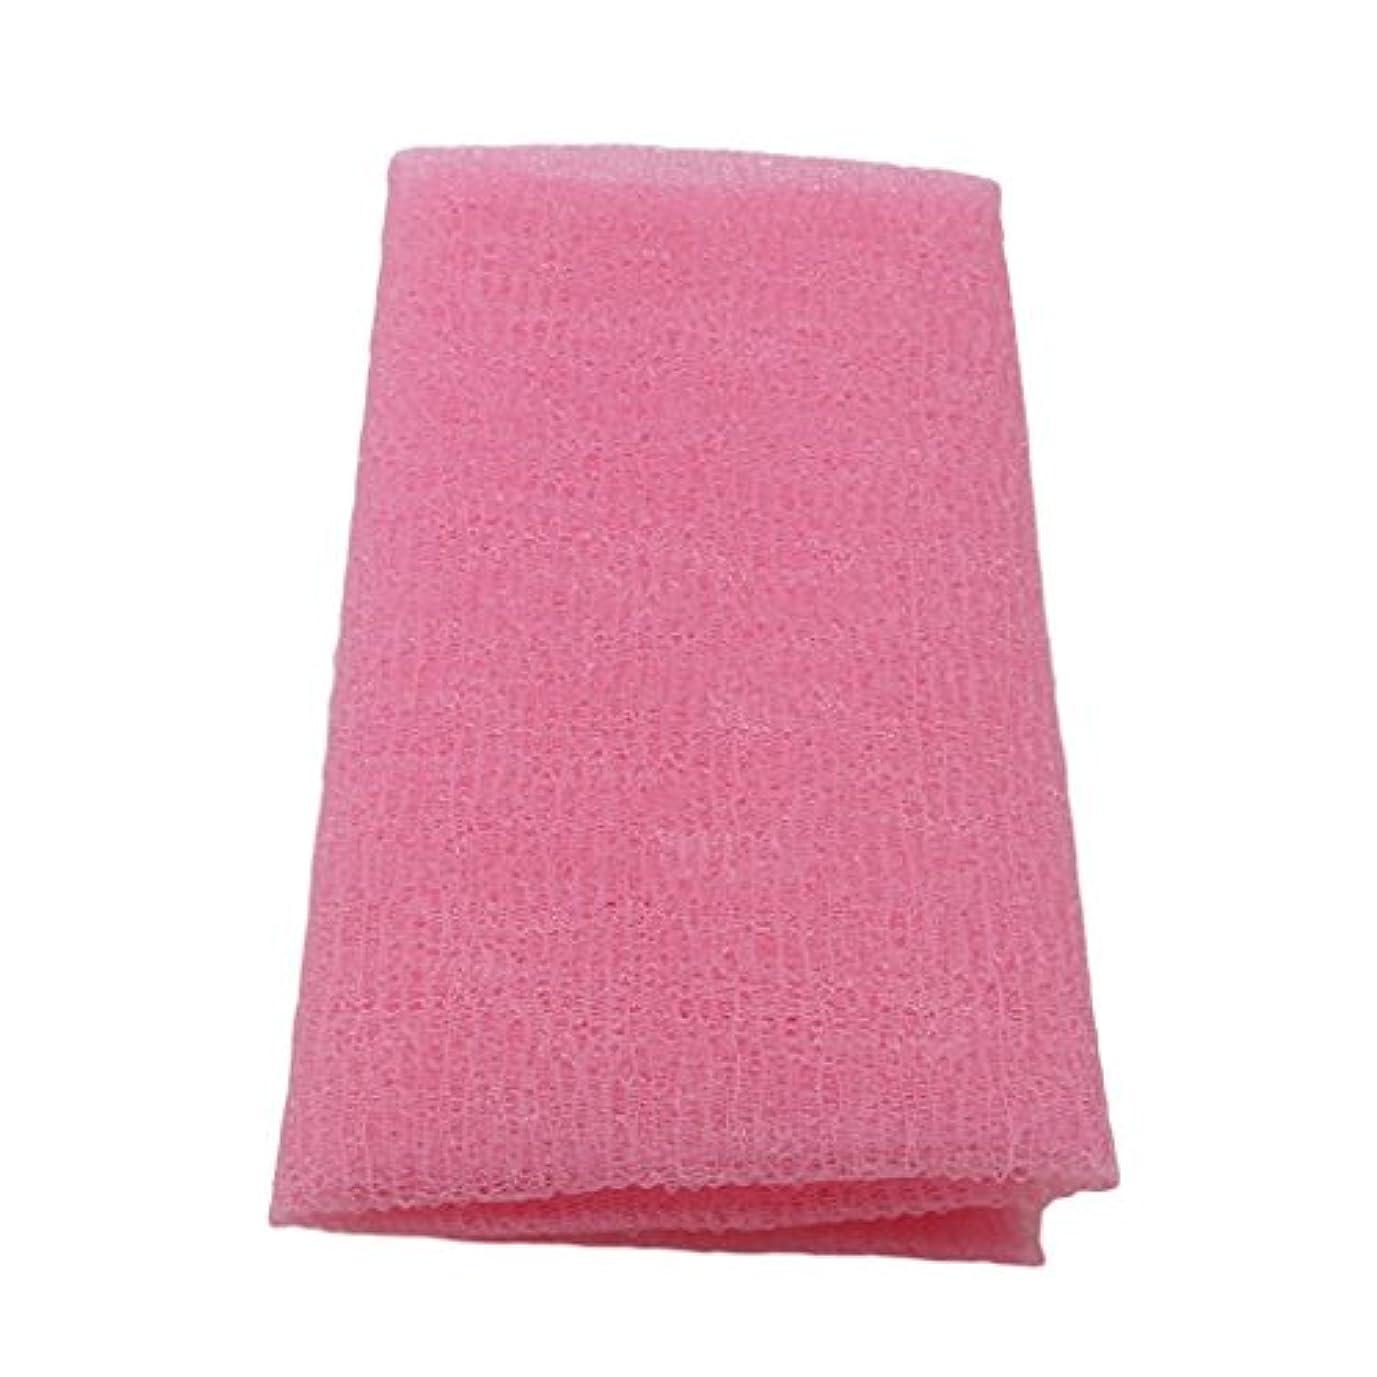 取り扱いキャラバン組み合わせるMARUIKAO ボディタオル 泡しゃり ナイロン ロング 固め ピンク